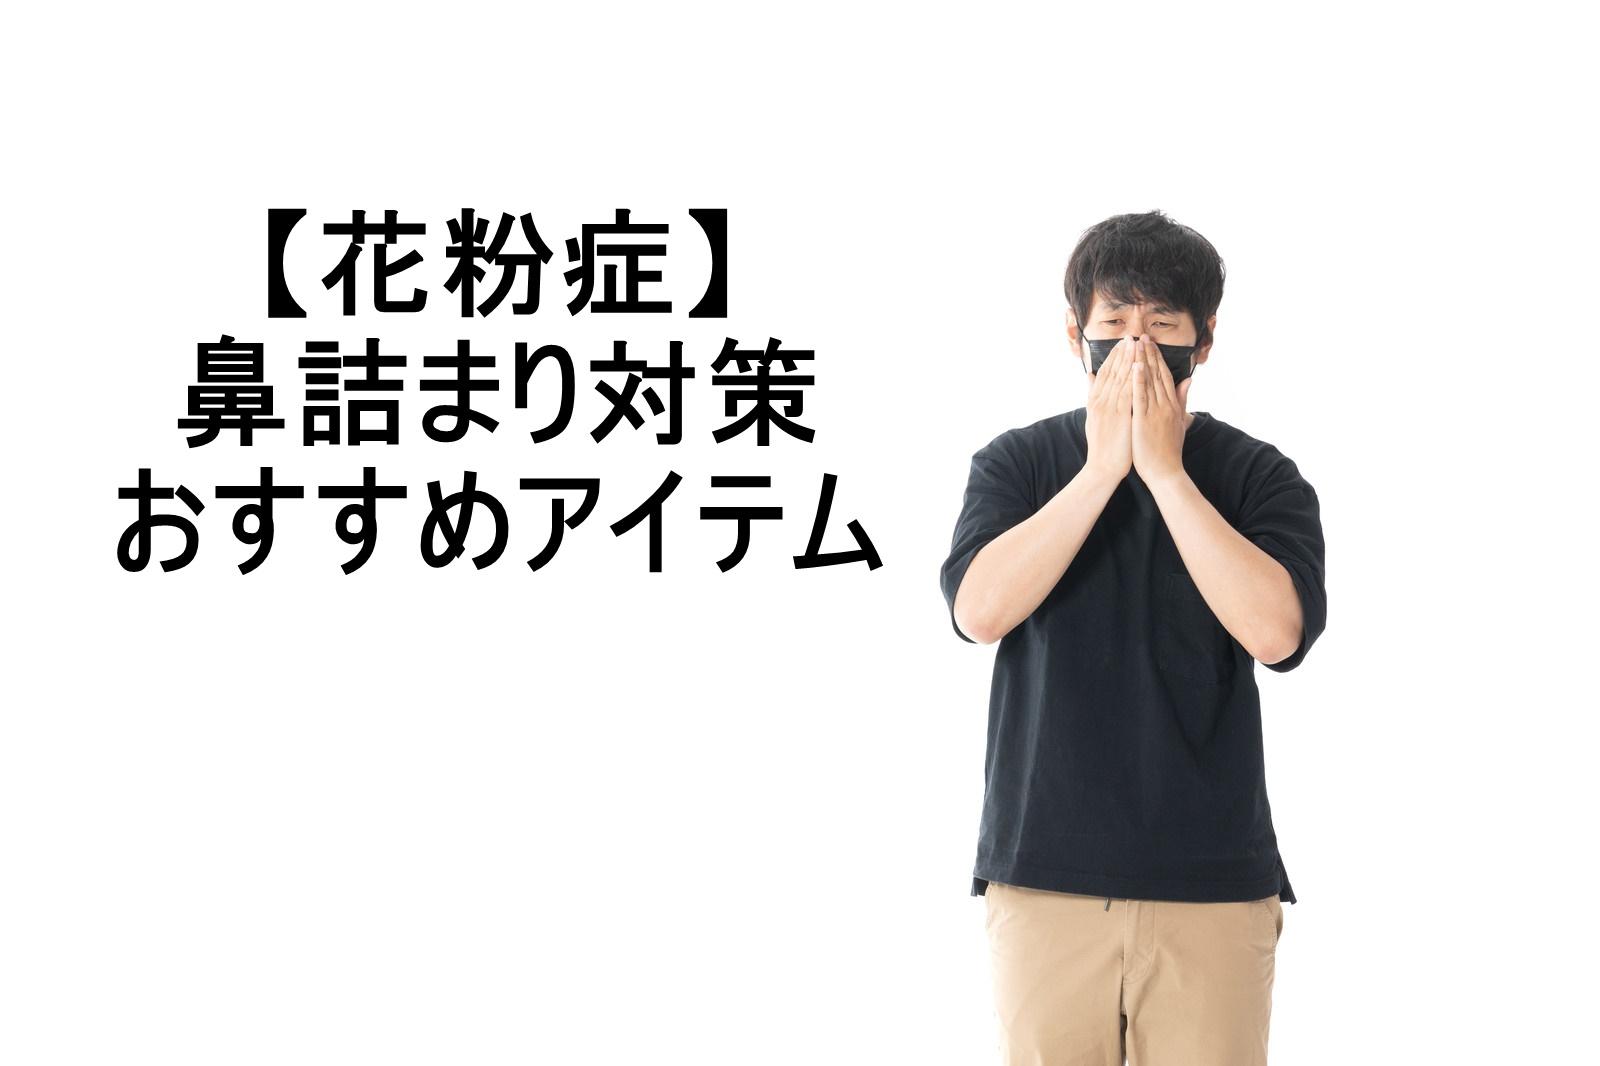 【花粉症】鼻づまりに耳鼻科が進める対策|眠れない時に効くおすすめアイテム